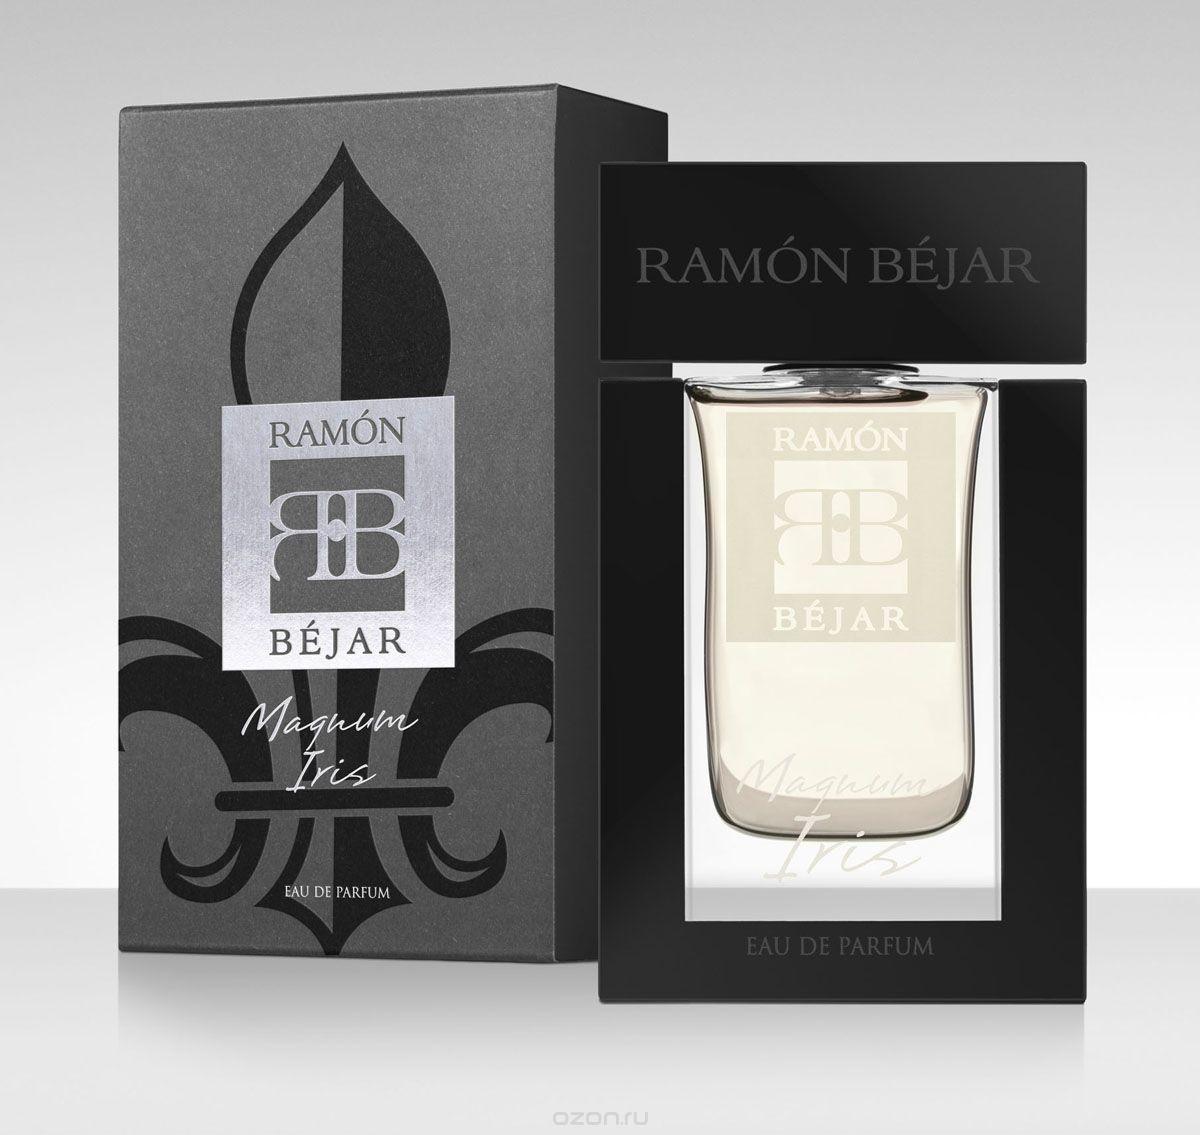 Ramón Béjar Magnum Iris аромат для мужчин и женщин